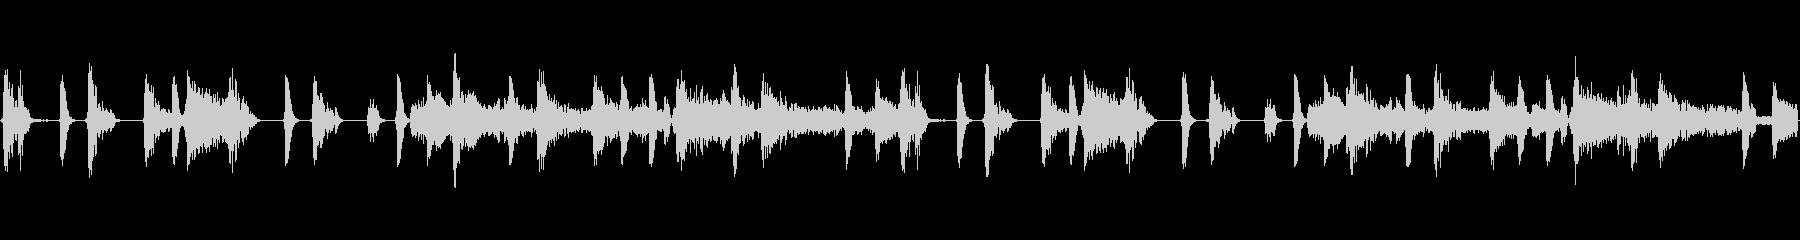 刑事ドラマの追跡シーンをイメージした楽曲の未再生の波形